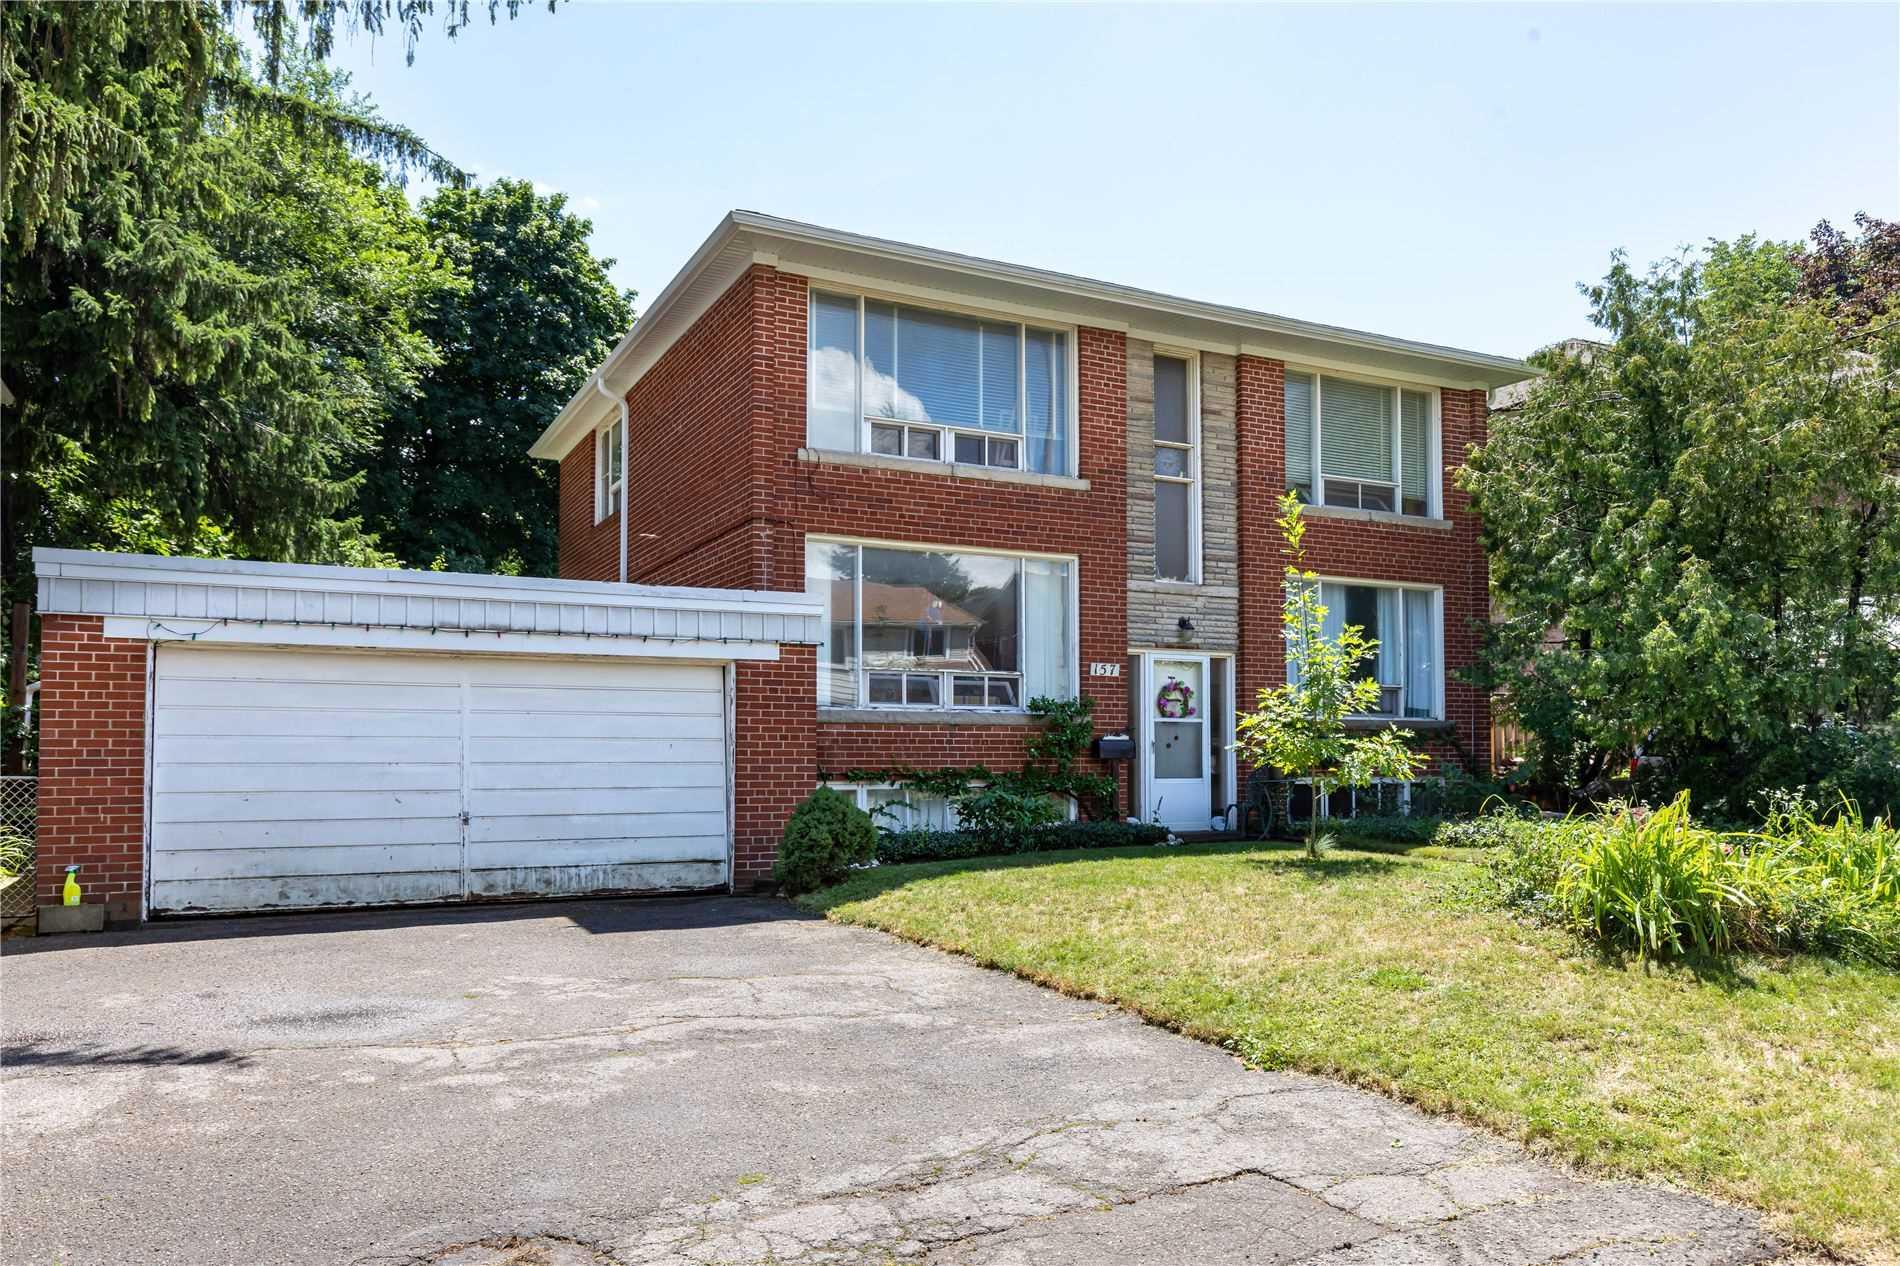 157 Roslin Ave, Toronto, M4N 1Z5